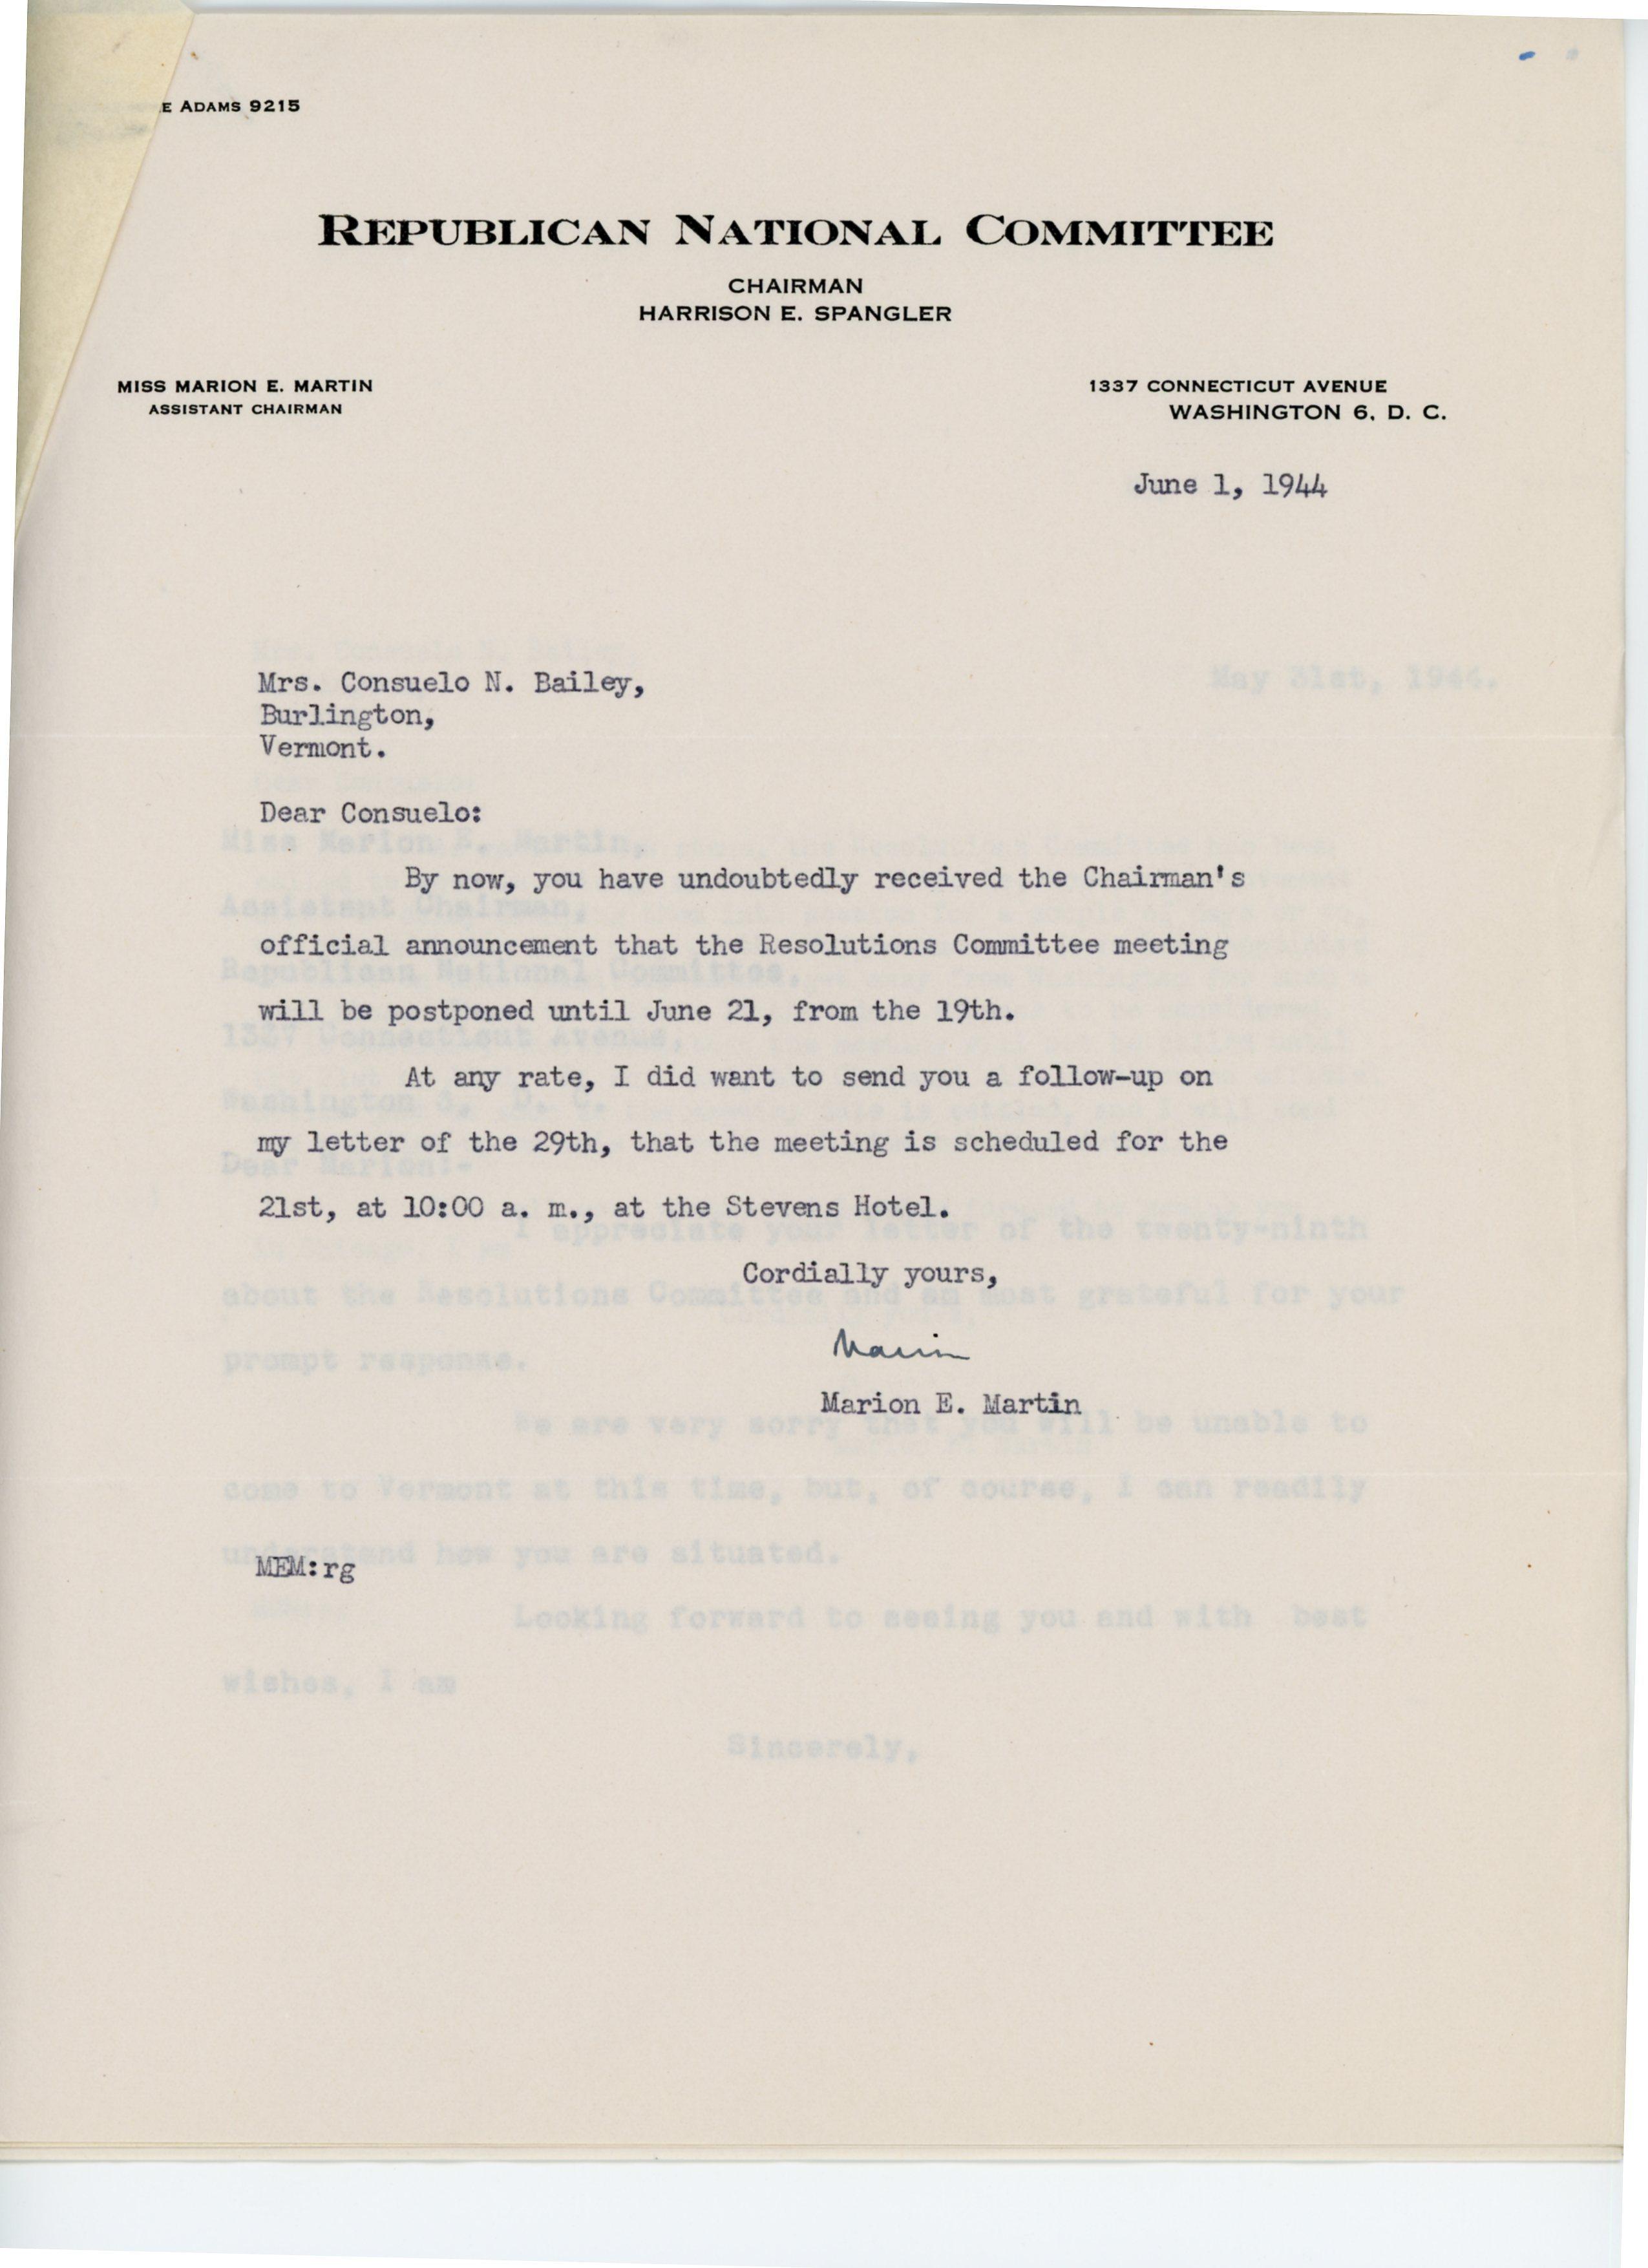 Marion E. Martin to Consuelo Northrop Bailey 1944 June 1